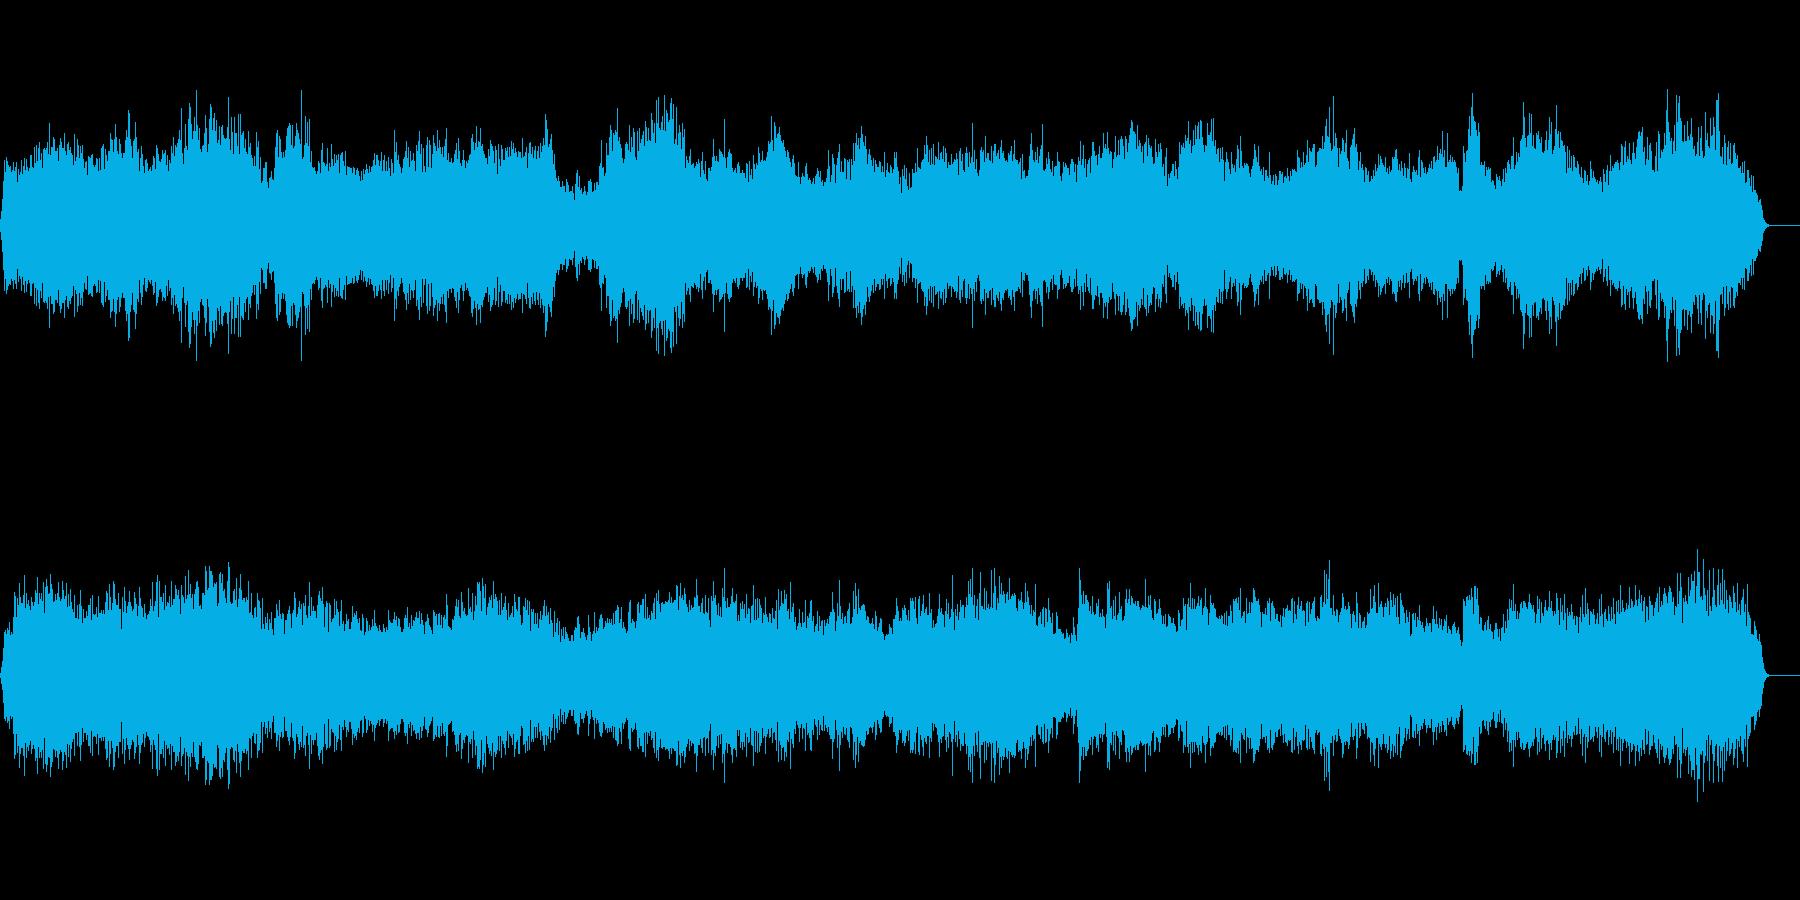 合戦・剣戟・戦闘・格闘・乱闘の声の再生済みの波形